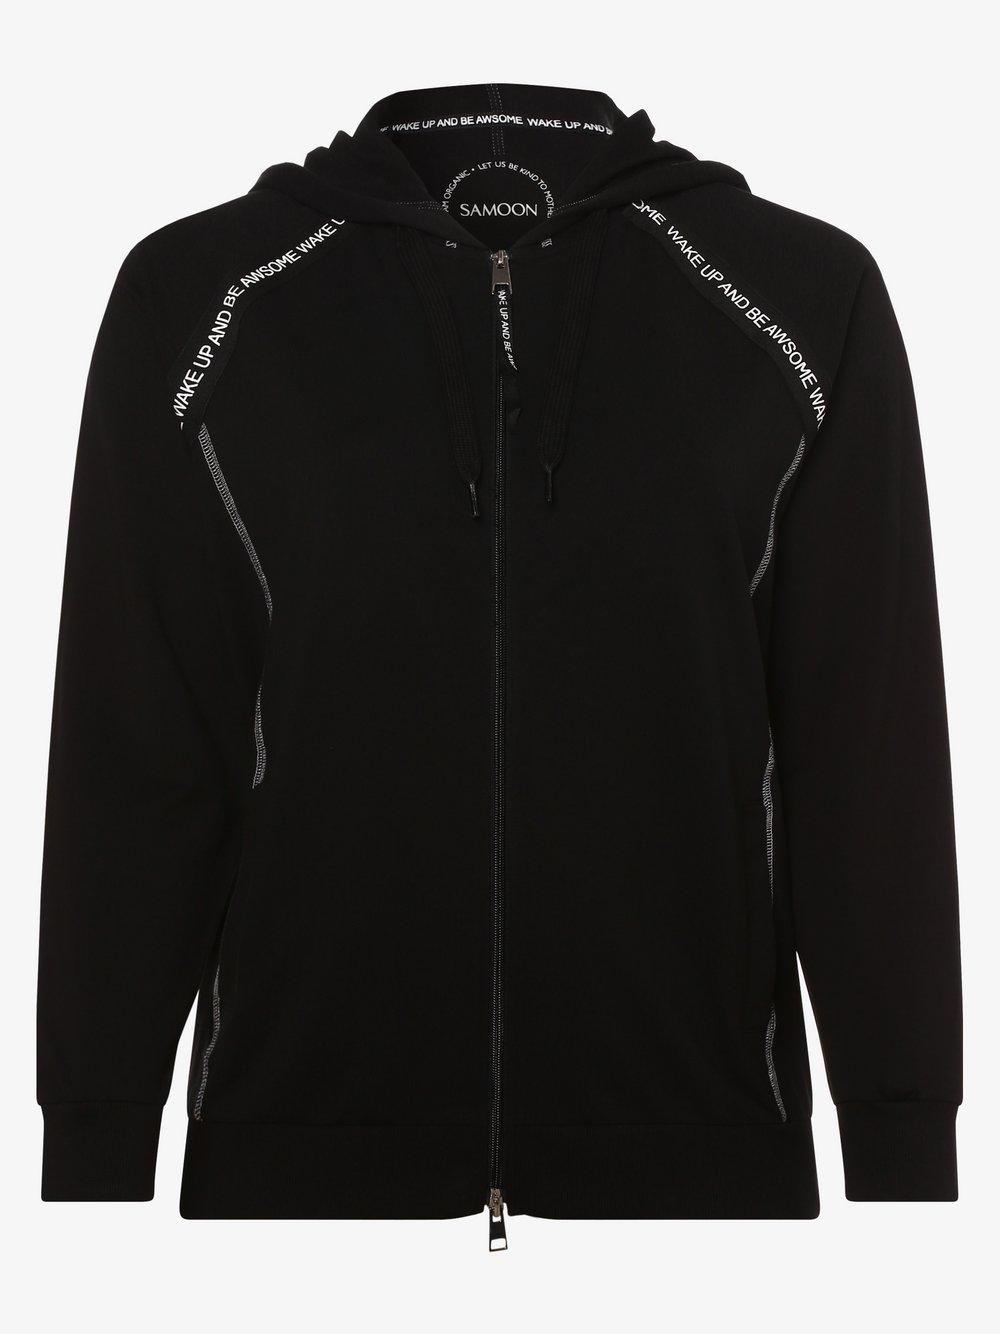 Samoon - Damska bluza rozpinana, czarny